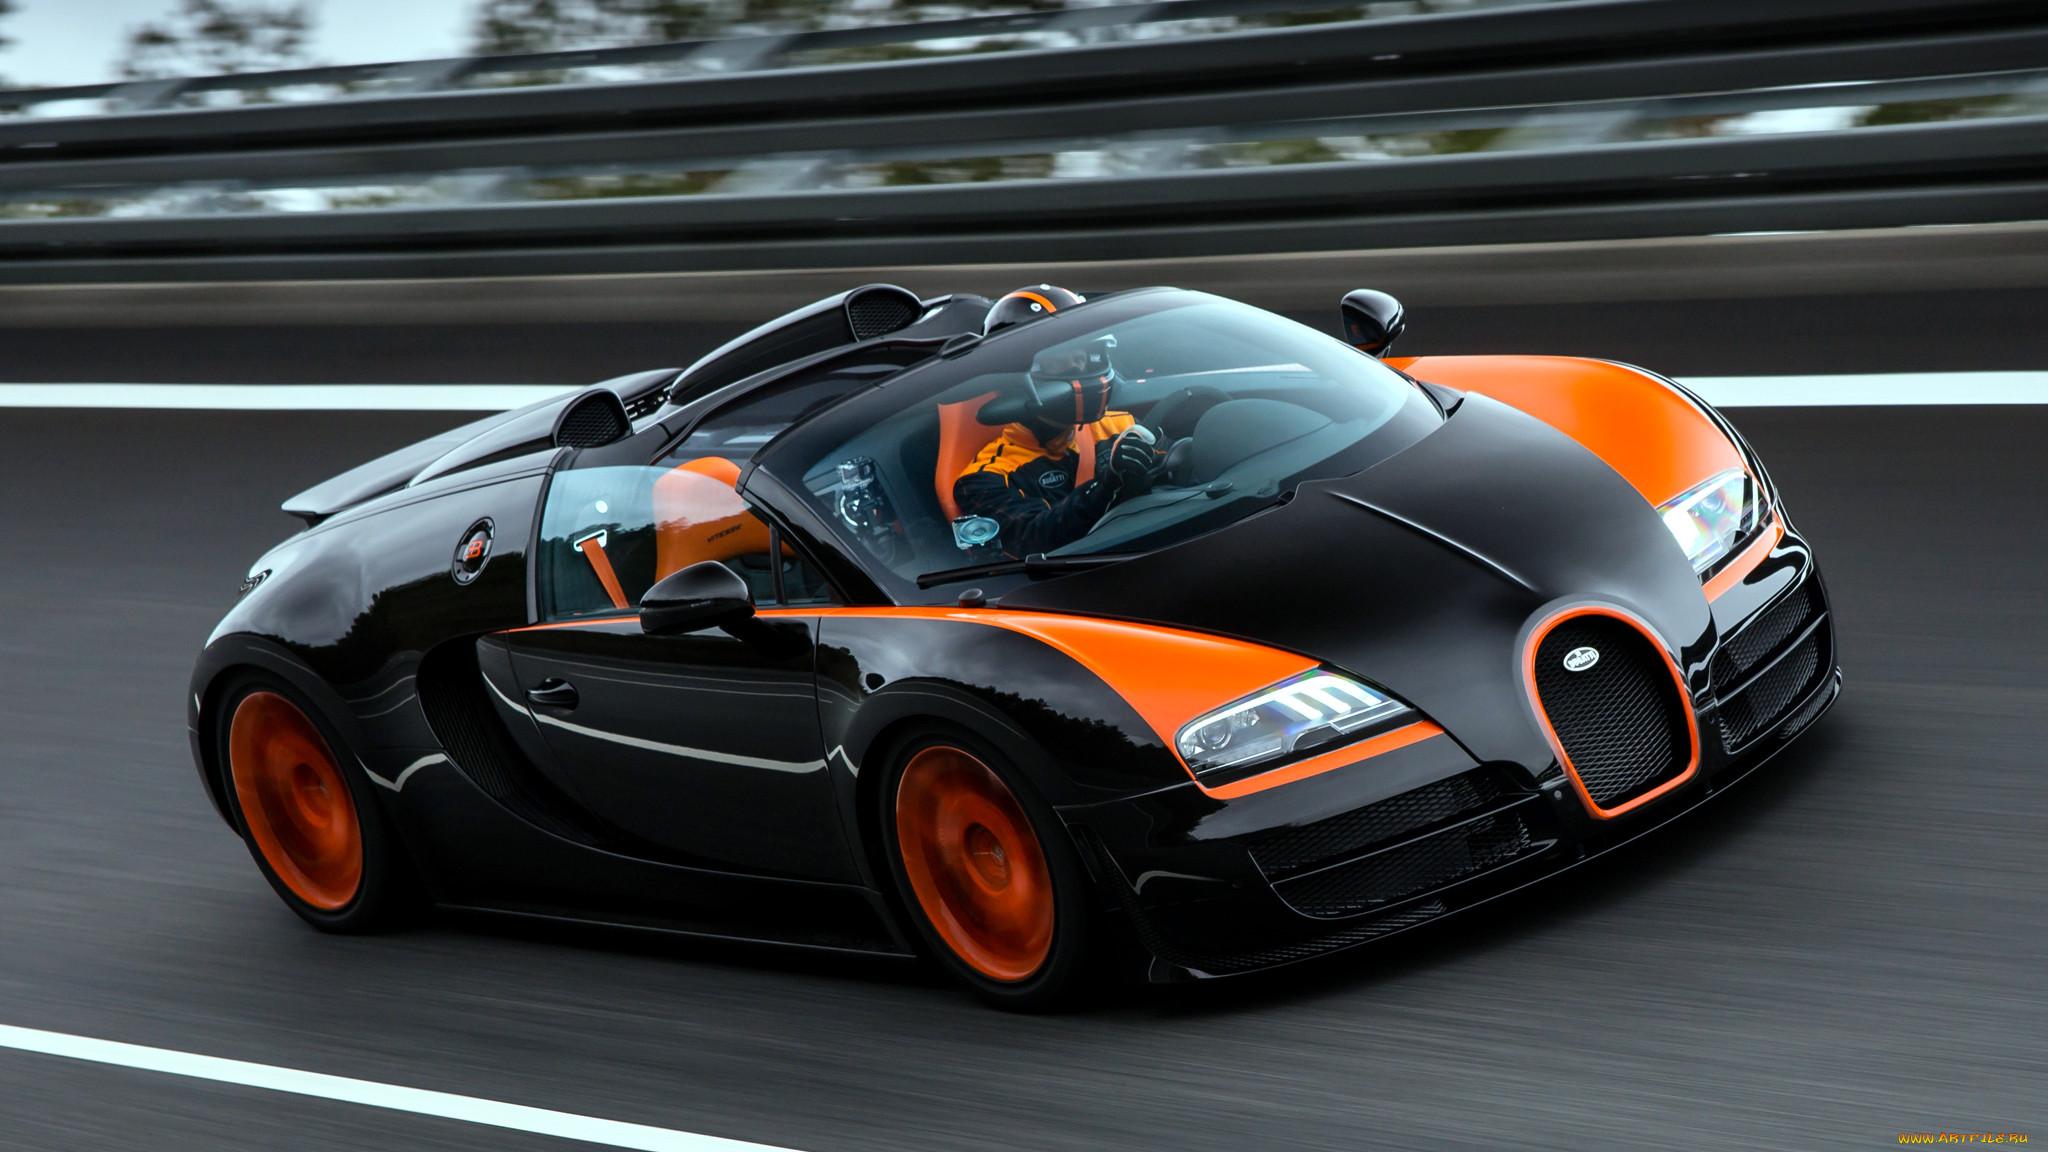 Самая быстрая машина картинки в мире